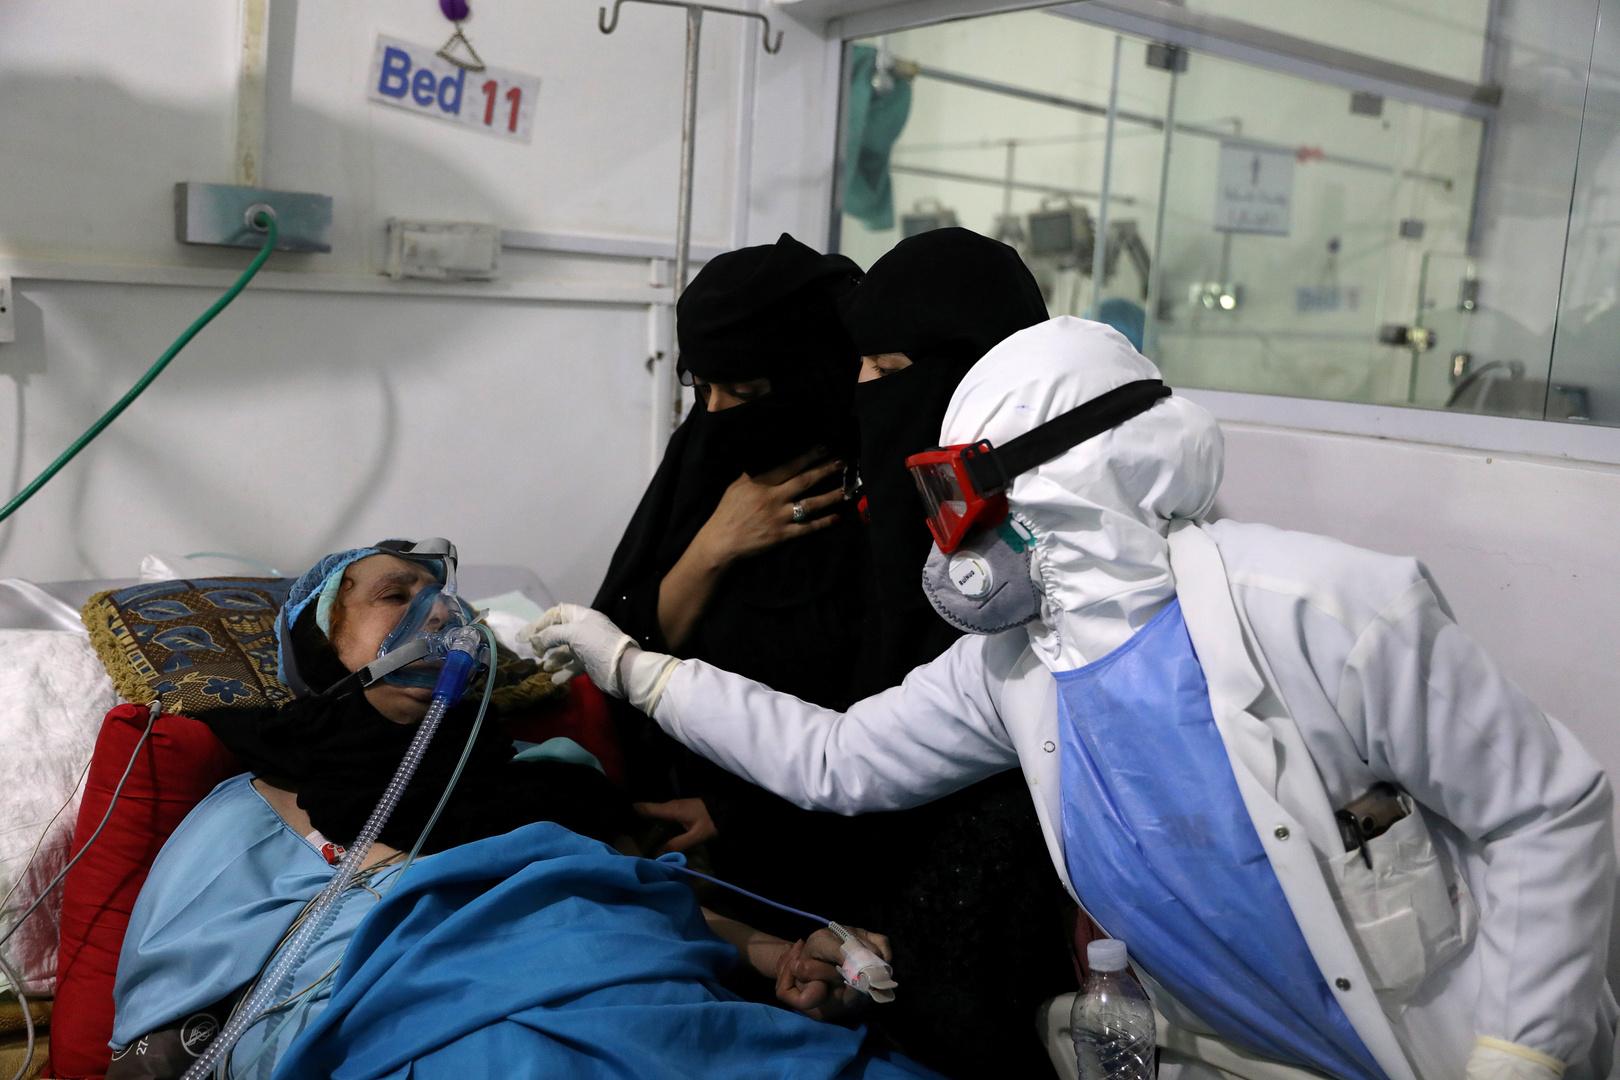 الأمم المتحدة: نظام الرعاية الصحية في اليمن على وشك الانهيار ونقص التمويل يهدد برامج إغاثة حرجة